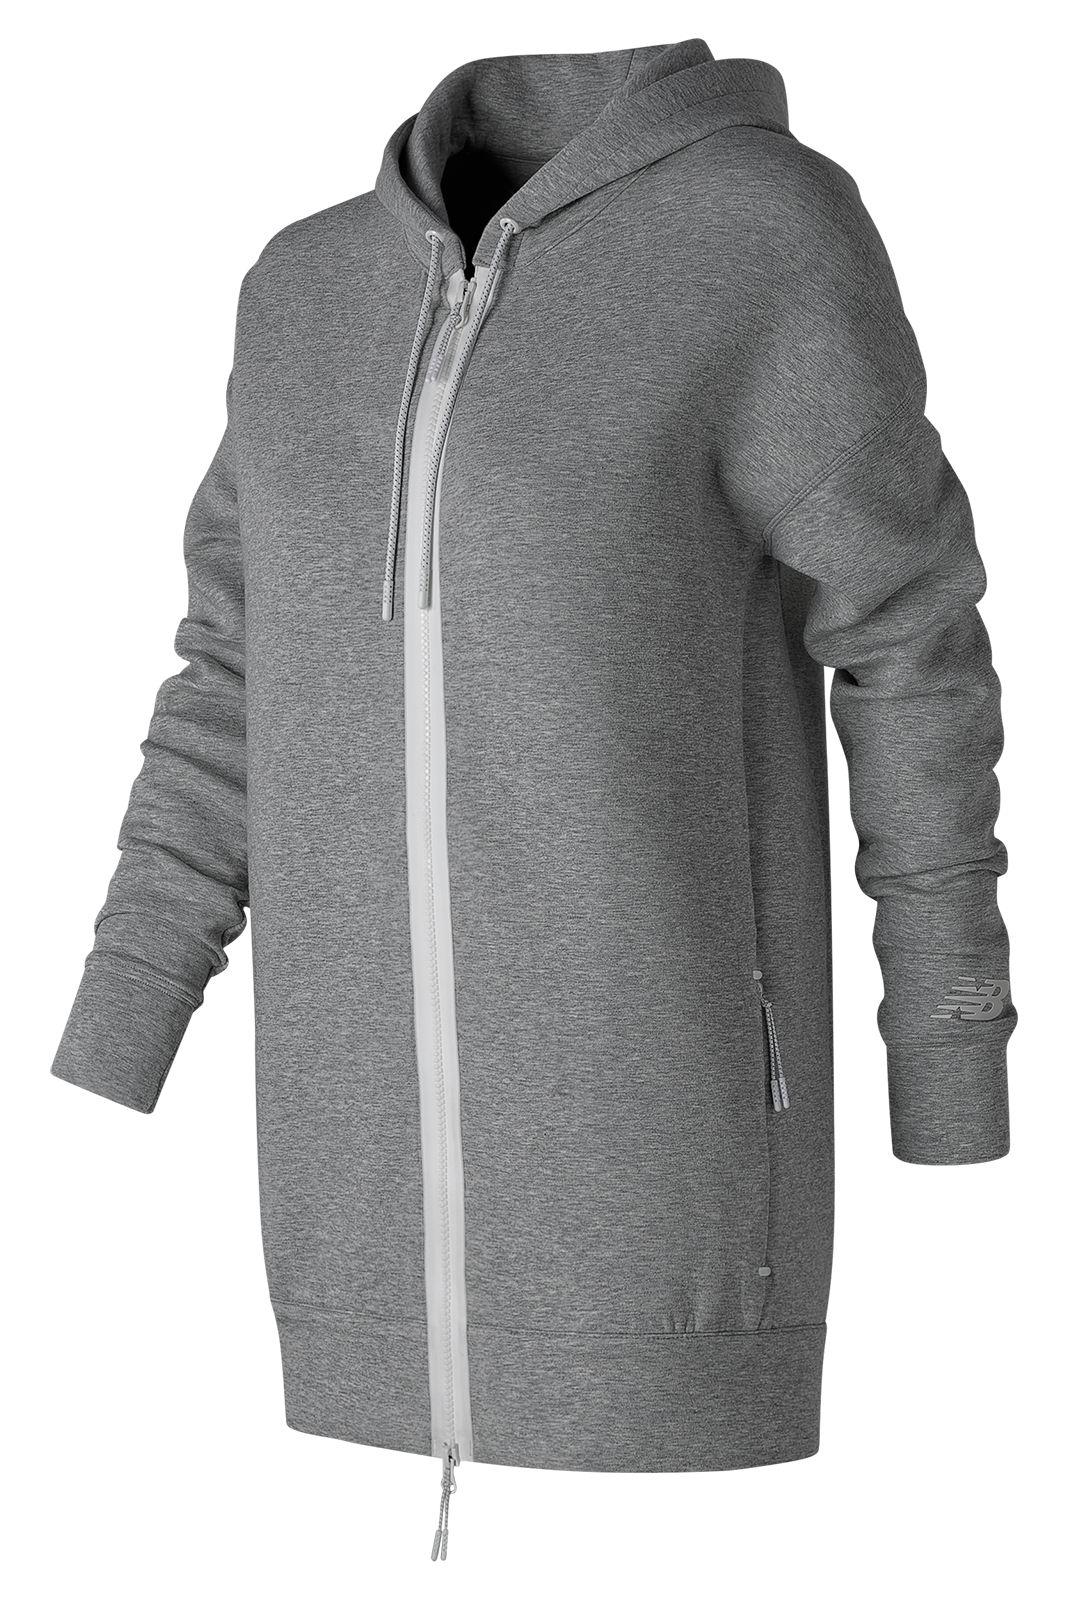 New Balance : Sport Style Fleece Hoodie : Women's Casual : WJ71561AG